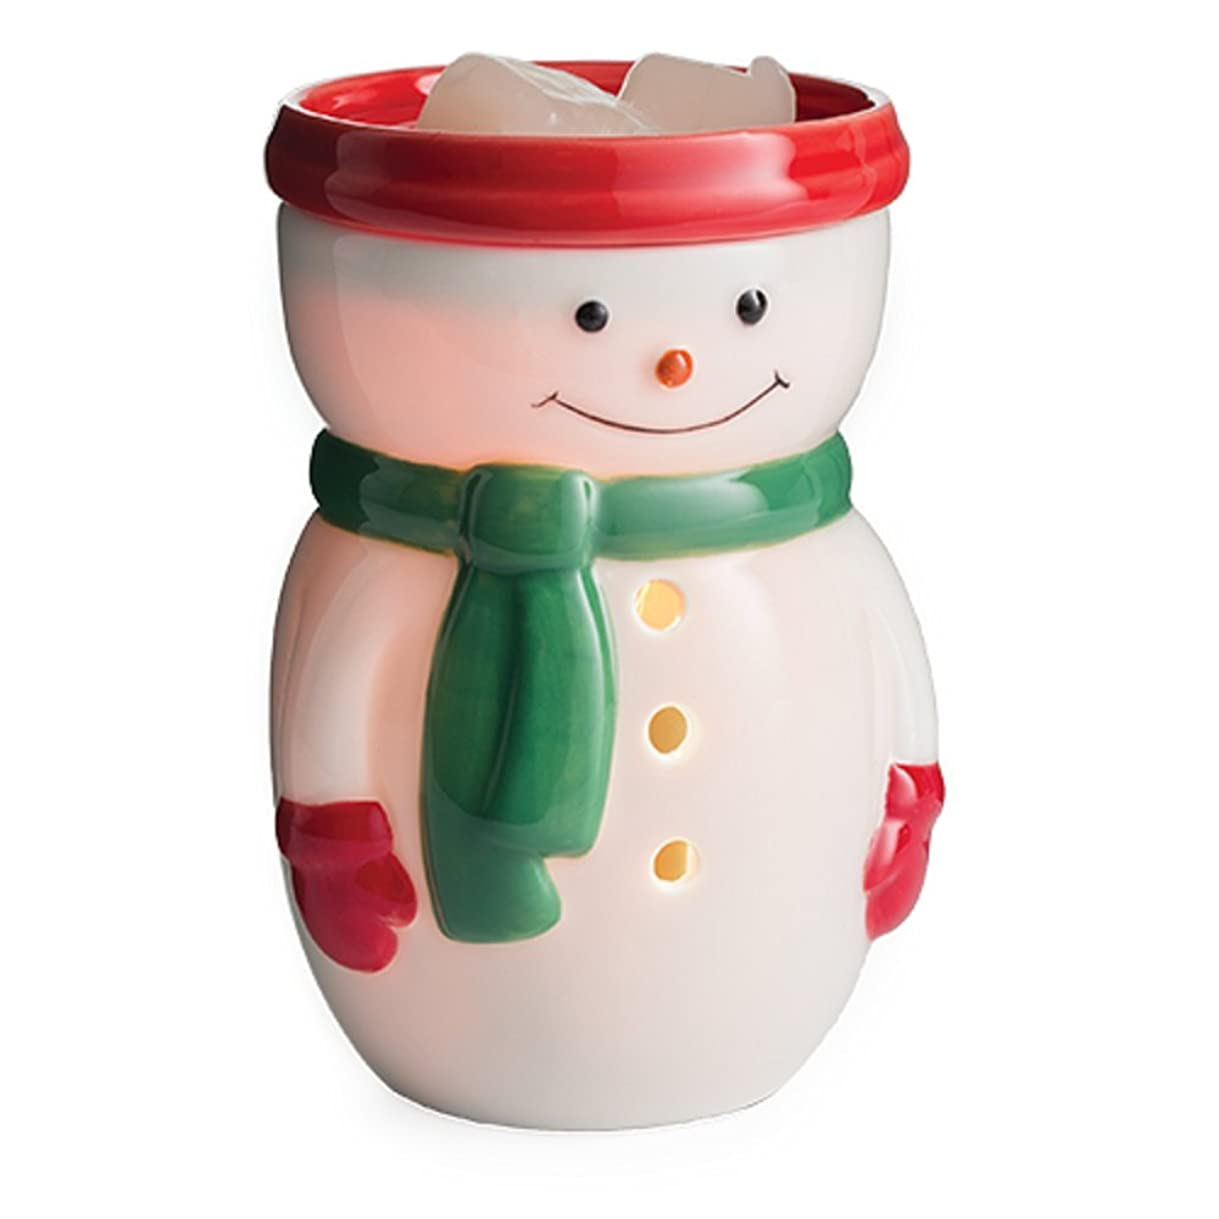 ヒョウ大脳家禽(Snowman) - Candle Warmers Etc. Midsize Illumination Fragrance Warmer - Snowman Midsize